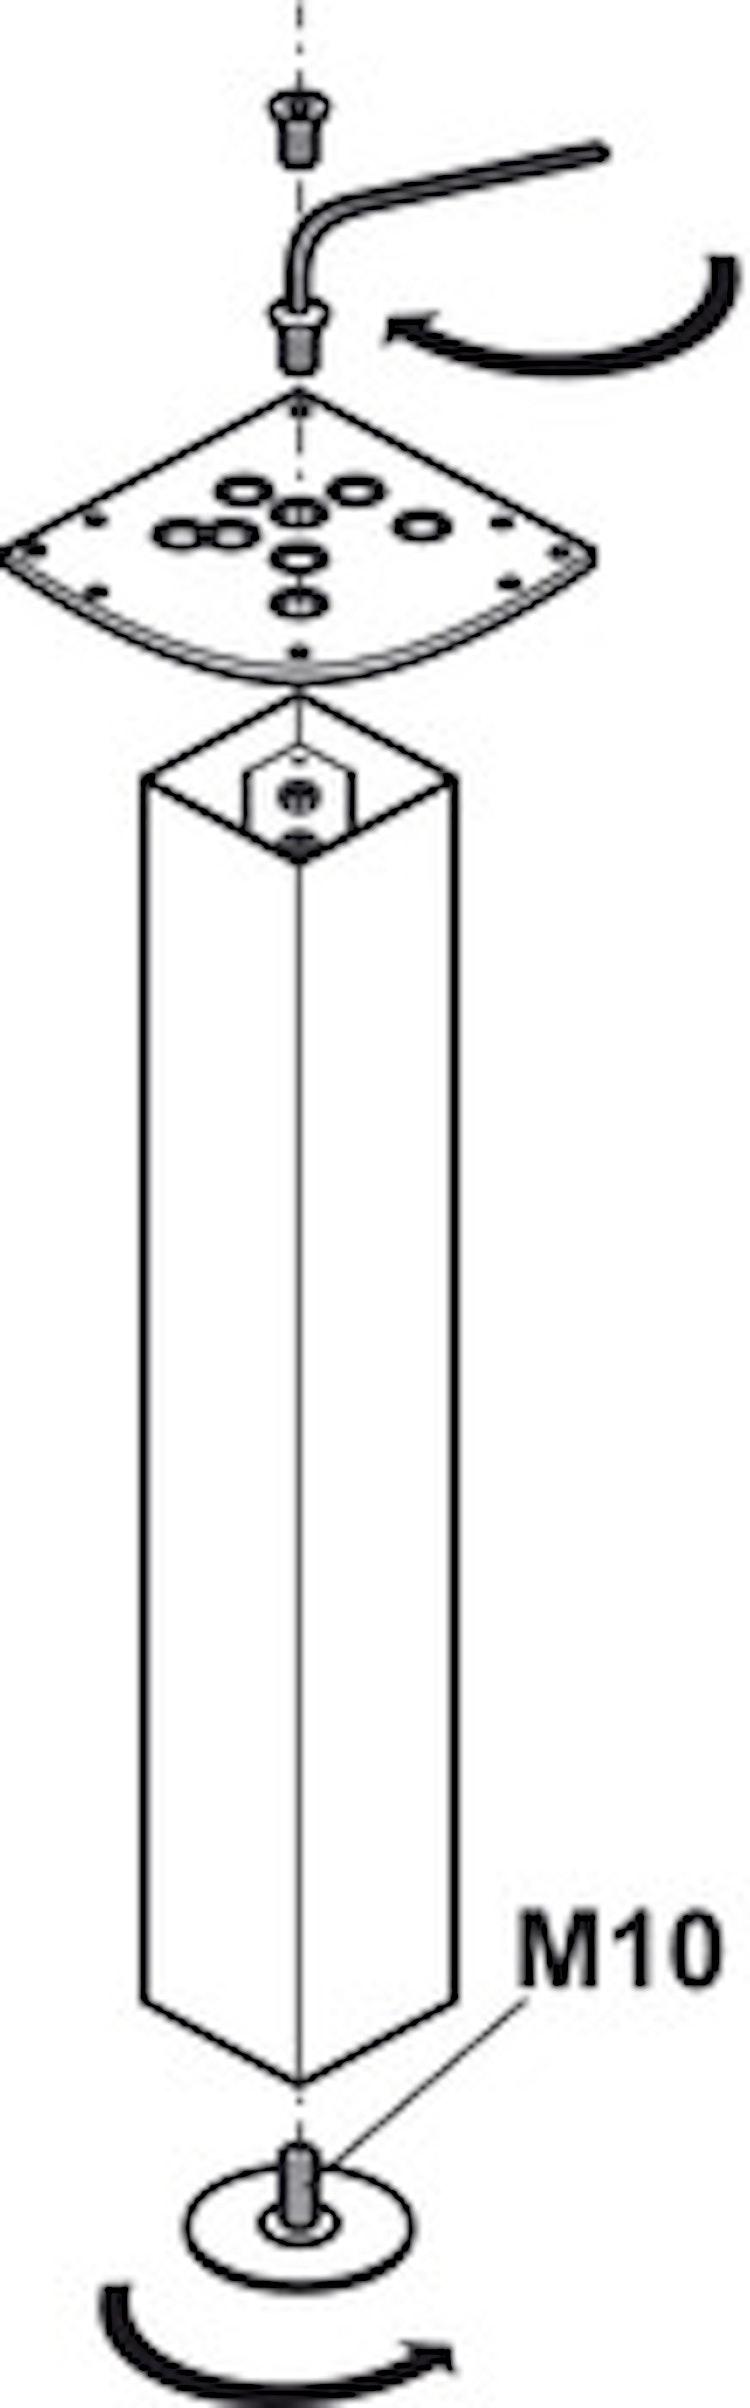 Designben - Rondella, runt